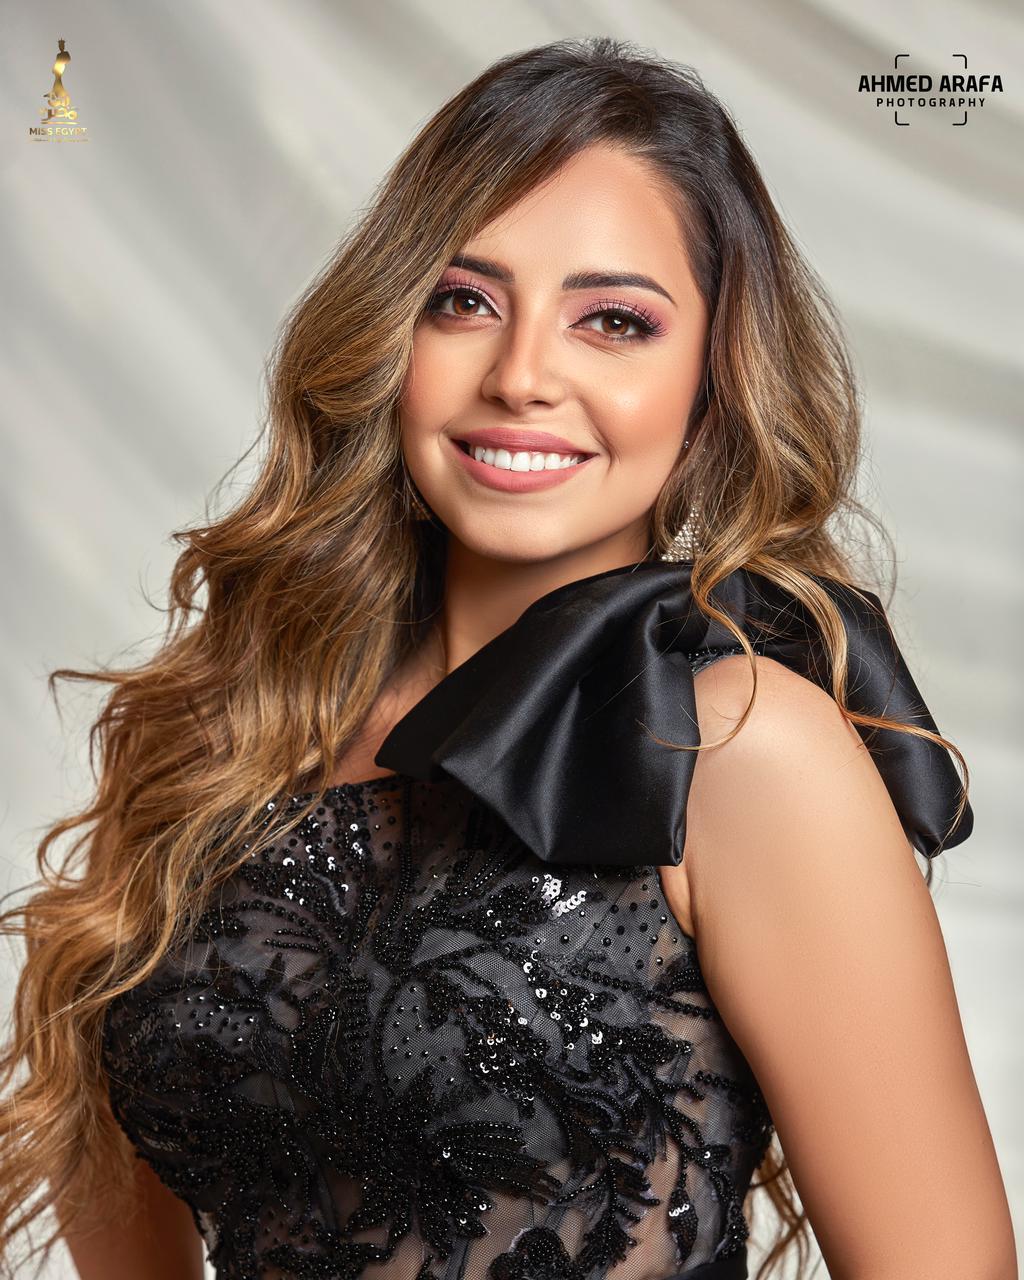 ملكة جمال مصر للسياحة والبيئة (4)